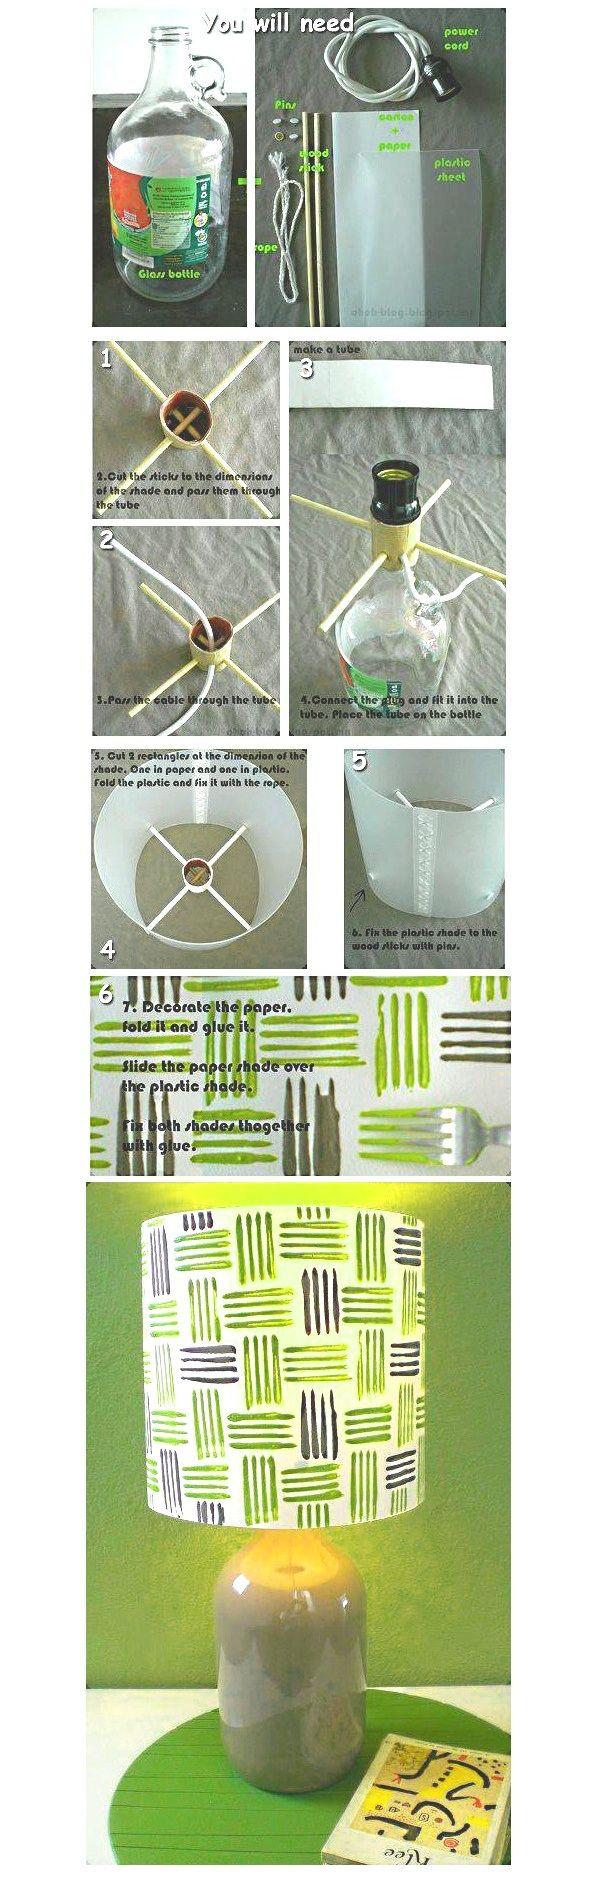 Una botella de cristal+4 Chinchetas+Cuerda+2 palos +Cartón y papel+Un cable porta bombilla+Una hoja de plástico+Pegamento. Con el cartón haz un tubo un poco más grande que el diámetro de la boca de la botella. Corta los palos por la mitad haciendo 4 de las mismas medidas. Introduce los palos a través del tubo de forma cruzada. http://youloveapple.com/2013/04/24/lampara-de-mesa-diy/#more-2972